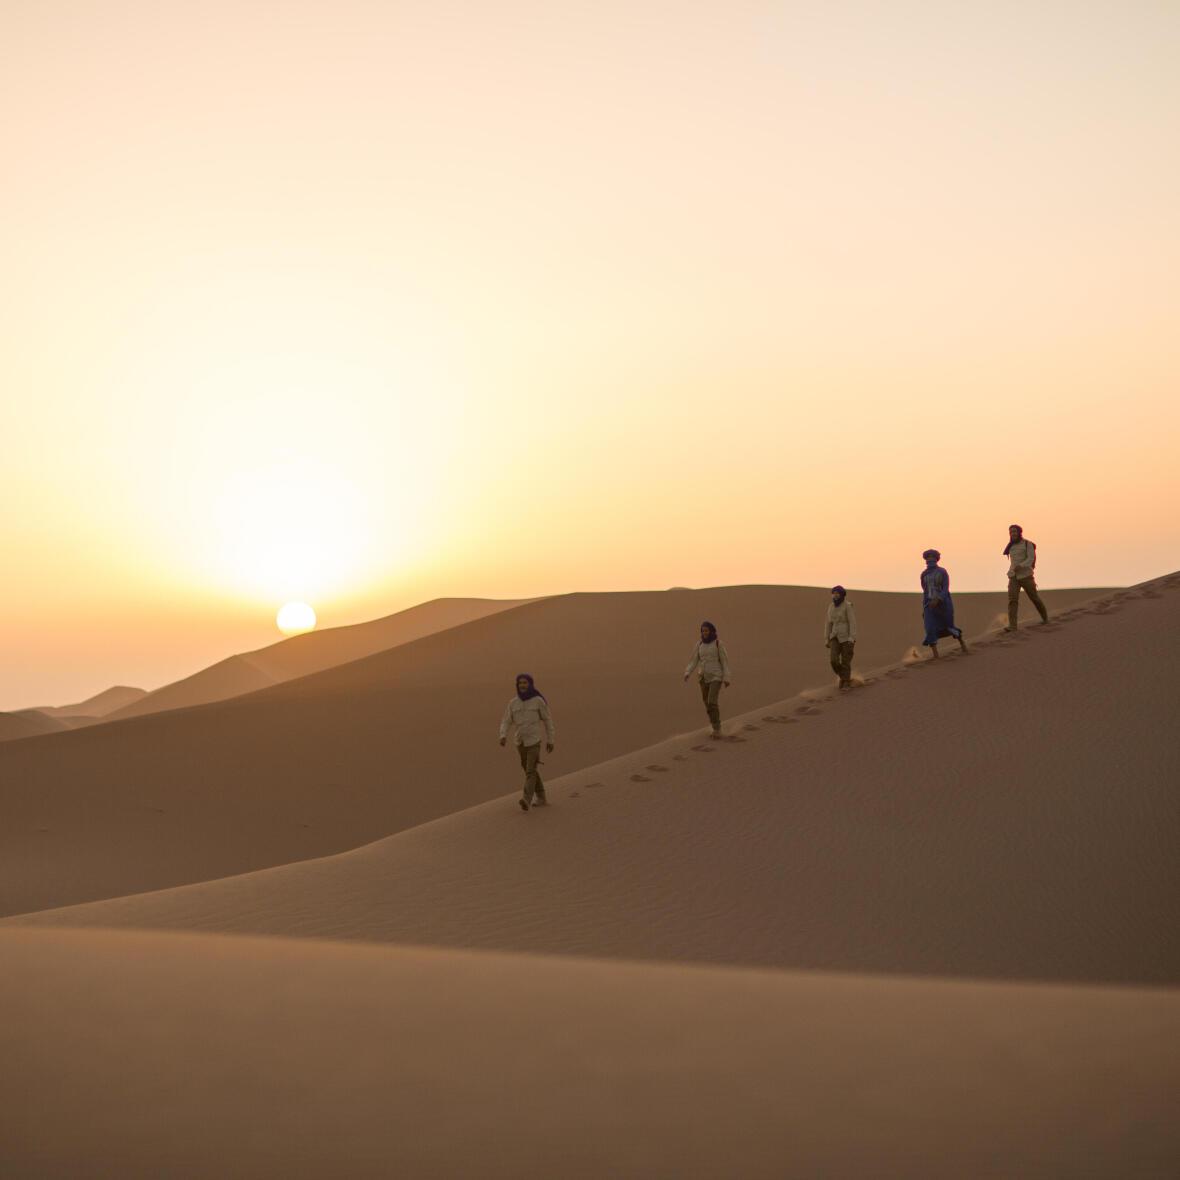 interior desert